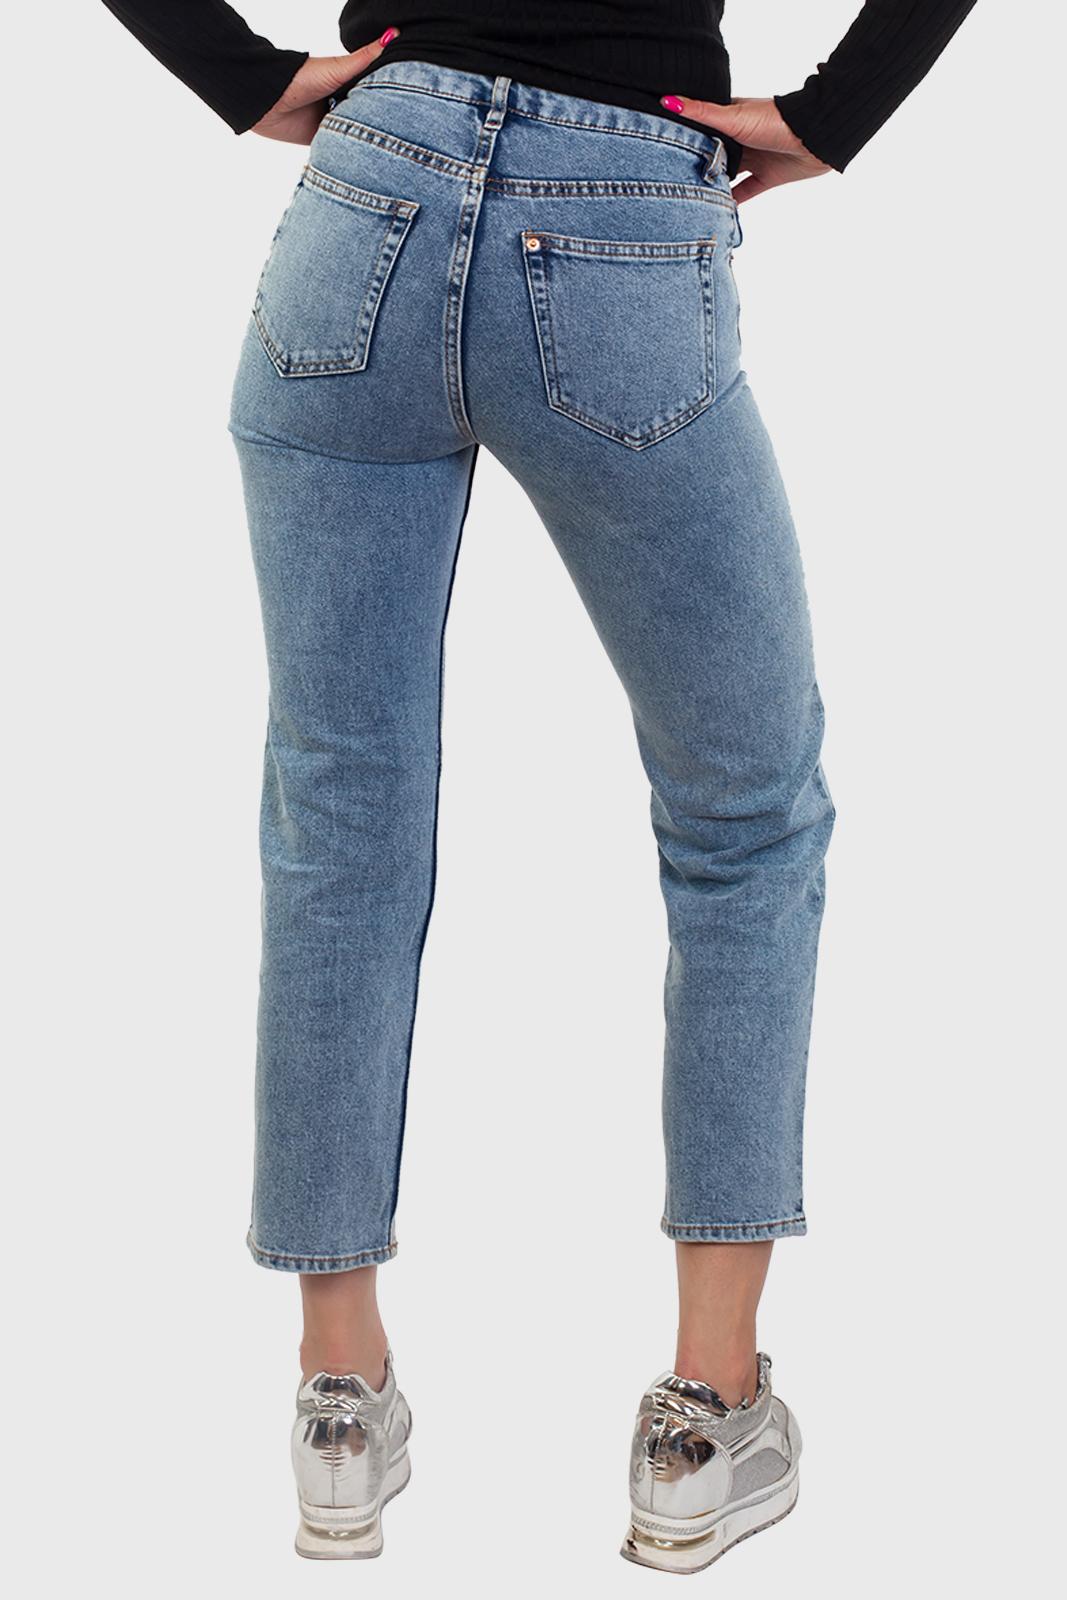 Укороченные женские джинсы оптом